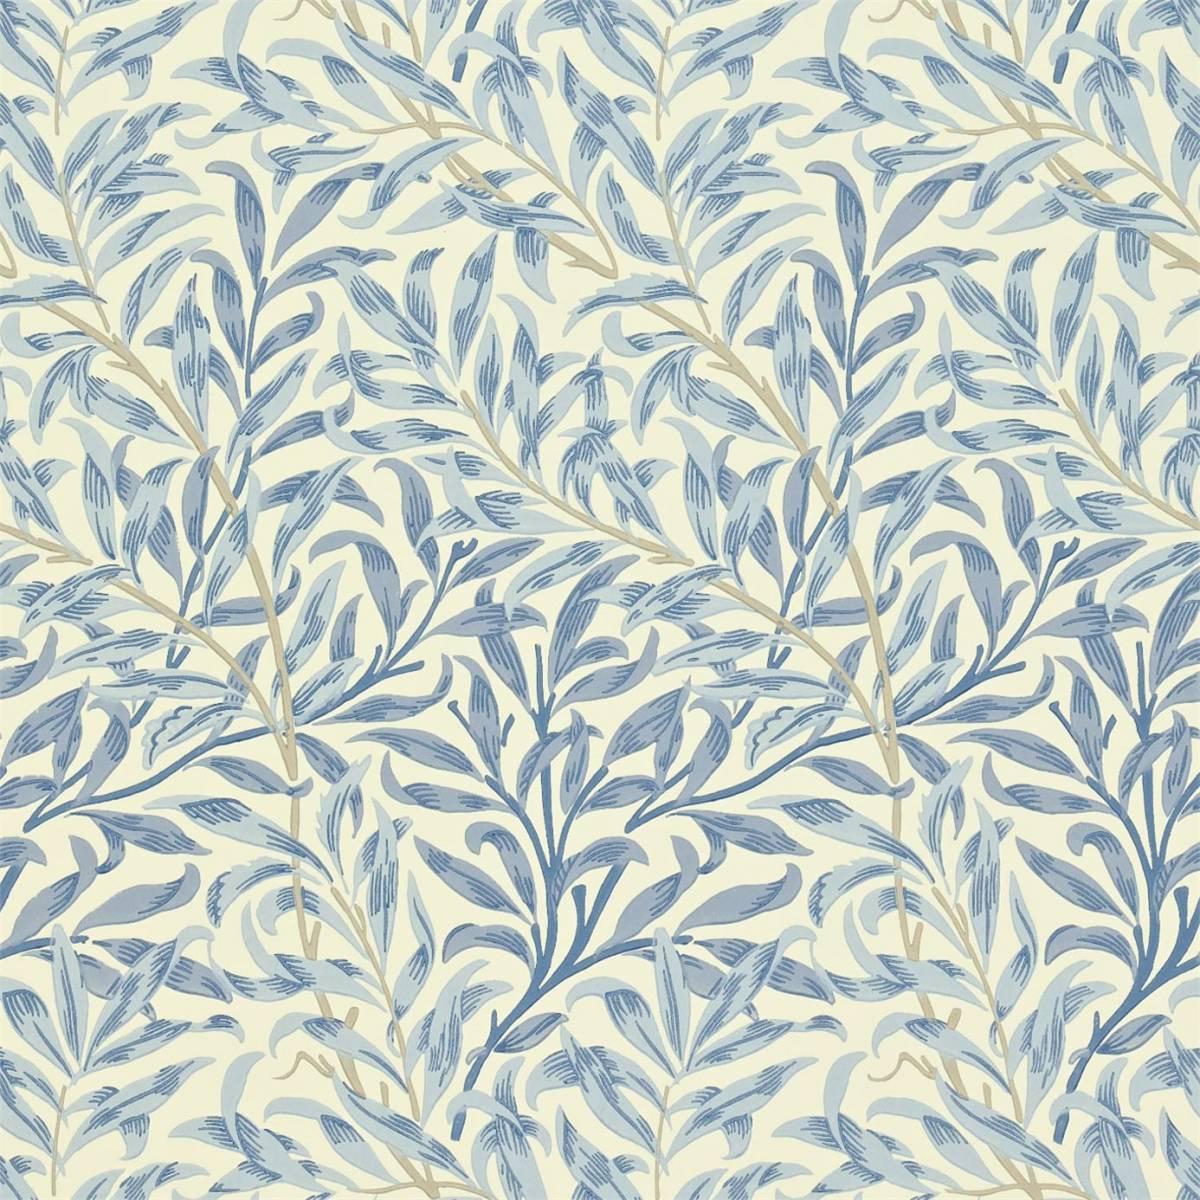 William Morris Wallpaper: Willow Boughs Wallpaper